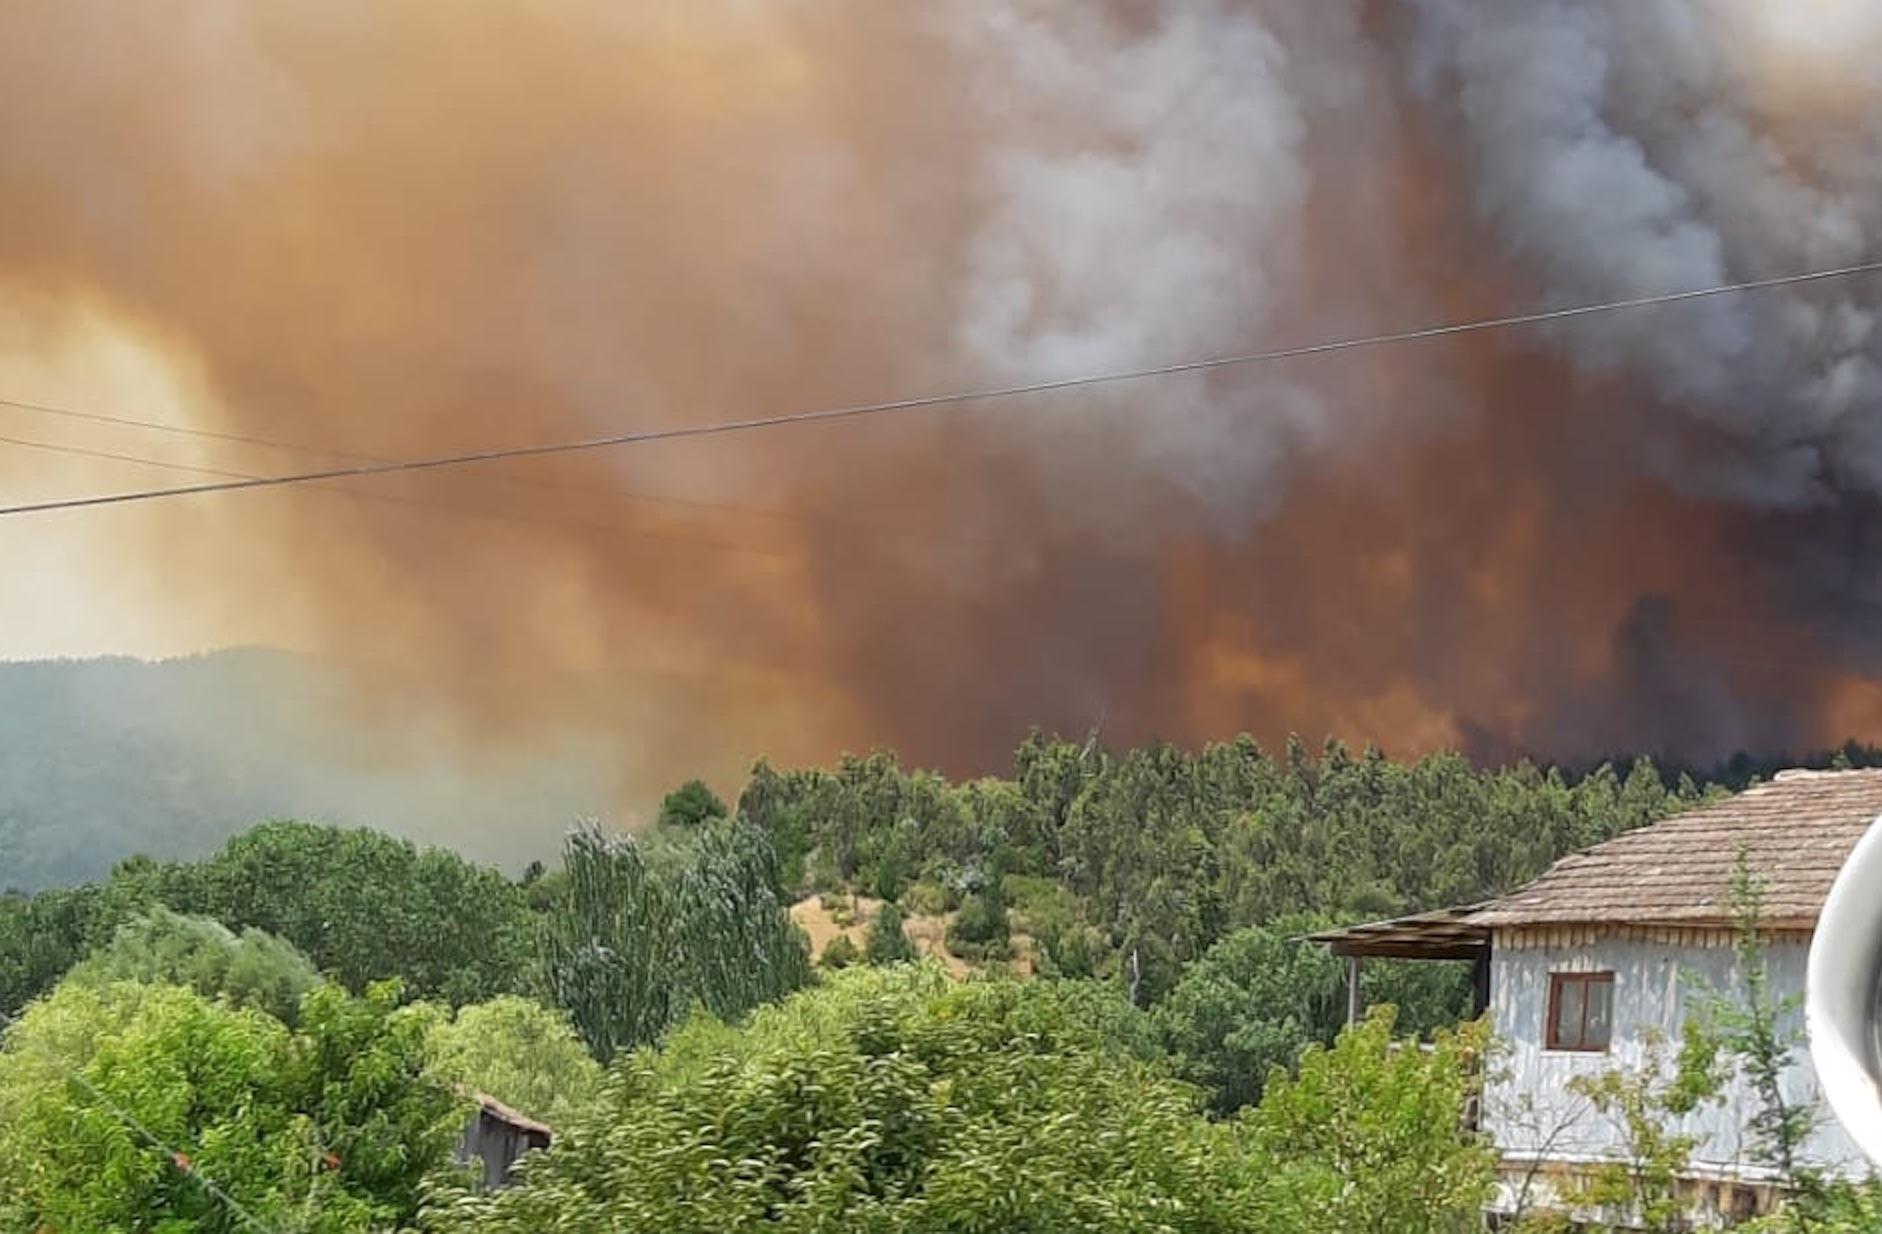 Incendio en Nacimiento: Más de 40 hectáreas e inician evacuación de viviendas